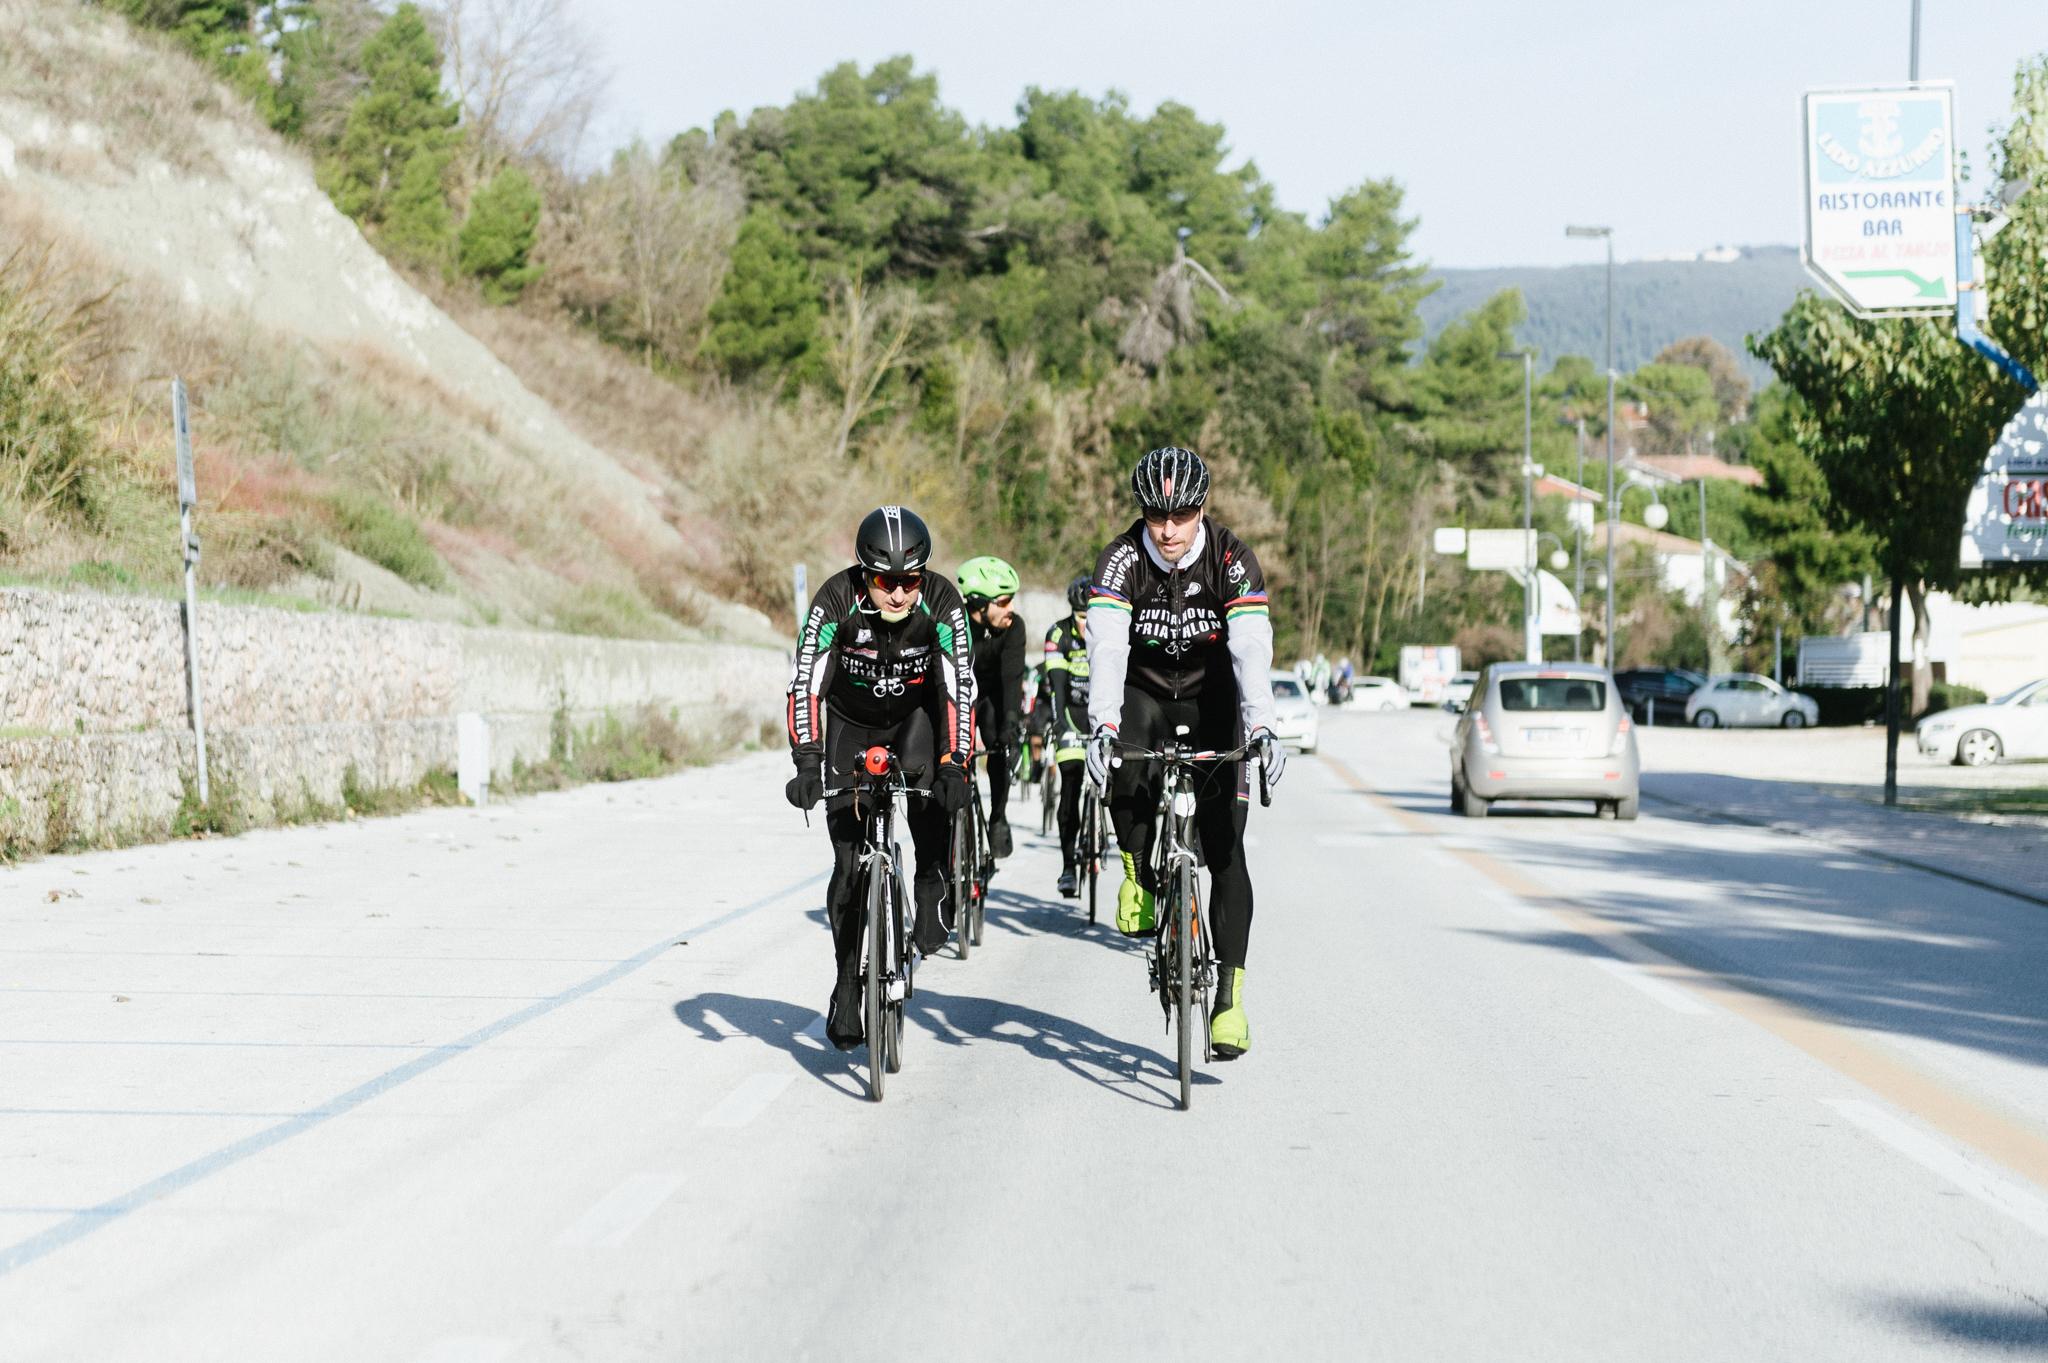 campus-civitanova-triathlon-2026.jpg